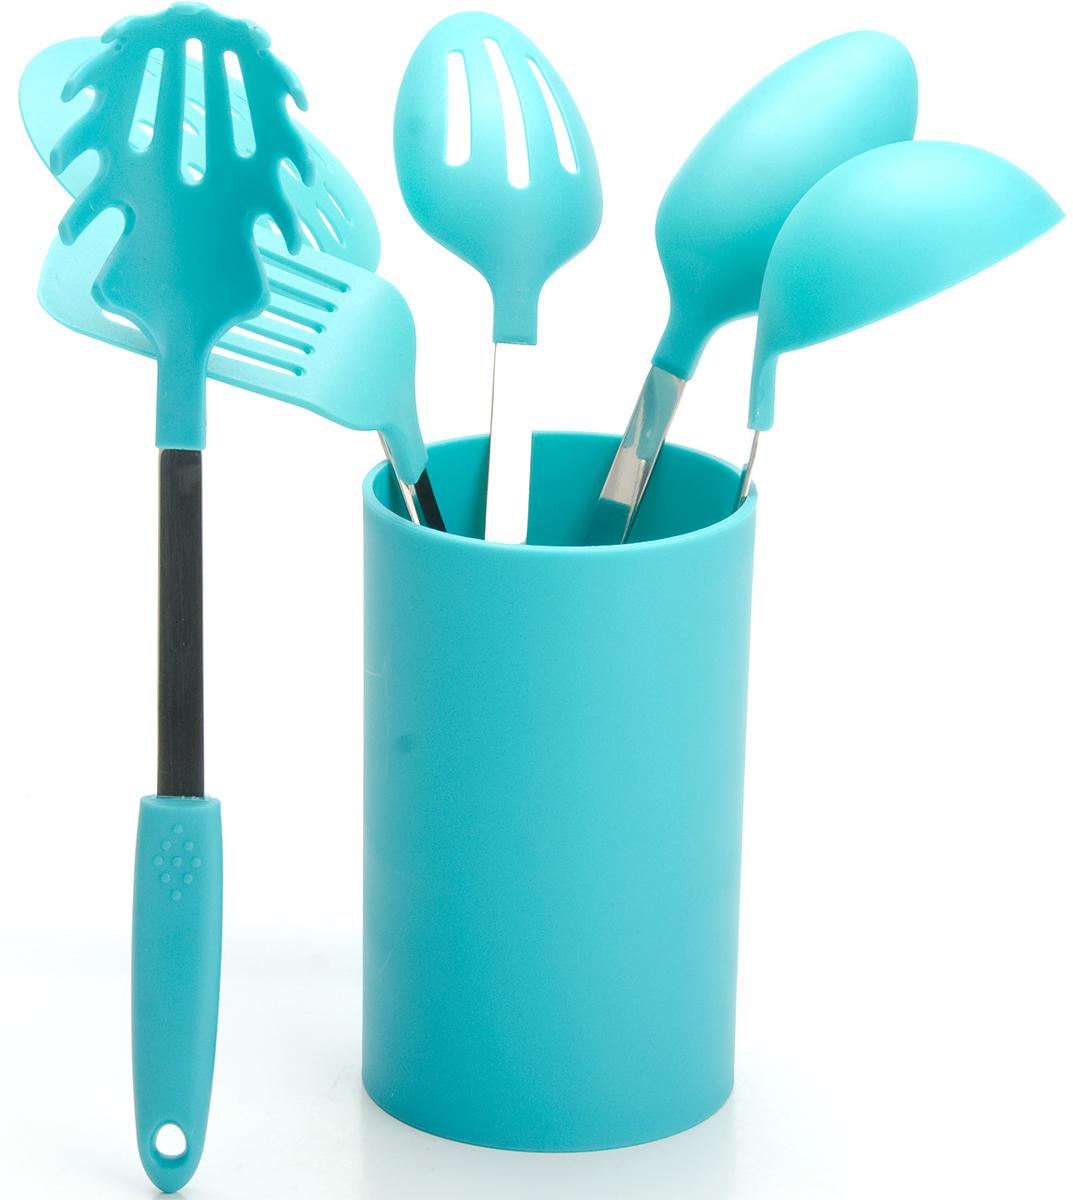 """Набор кухонных принадлежностей """"Mayer & Boch"""" включает в себя половник, гарнирную ложку, ложку для помешивания, лопатку с прорезями, шумовку, ложку для спагетти и подставку. Приборы изготовлены из нержавеющей стали и цветного полипропилена, отличаются высокой износоустойчивостью и надежностью, не окисляются со временем и не портят вкус продуктов, кроме того, они абсолютно безопасны для любых антипригарных покрытий. Входящая в набор удобная высокая подставка для хранения предметов набора поможет сэкономить место на рабочем столе. Набор упакован в красивую прозрачную упаковку с ручкой."""